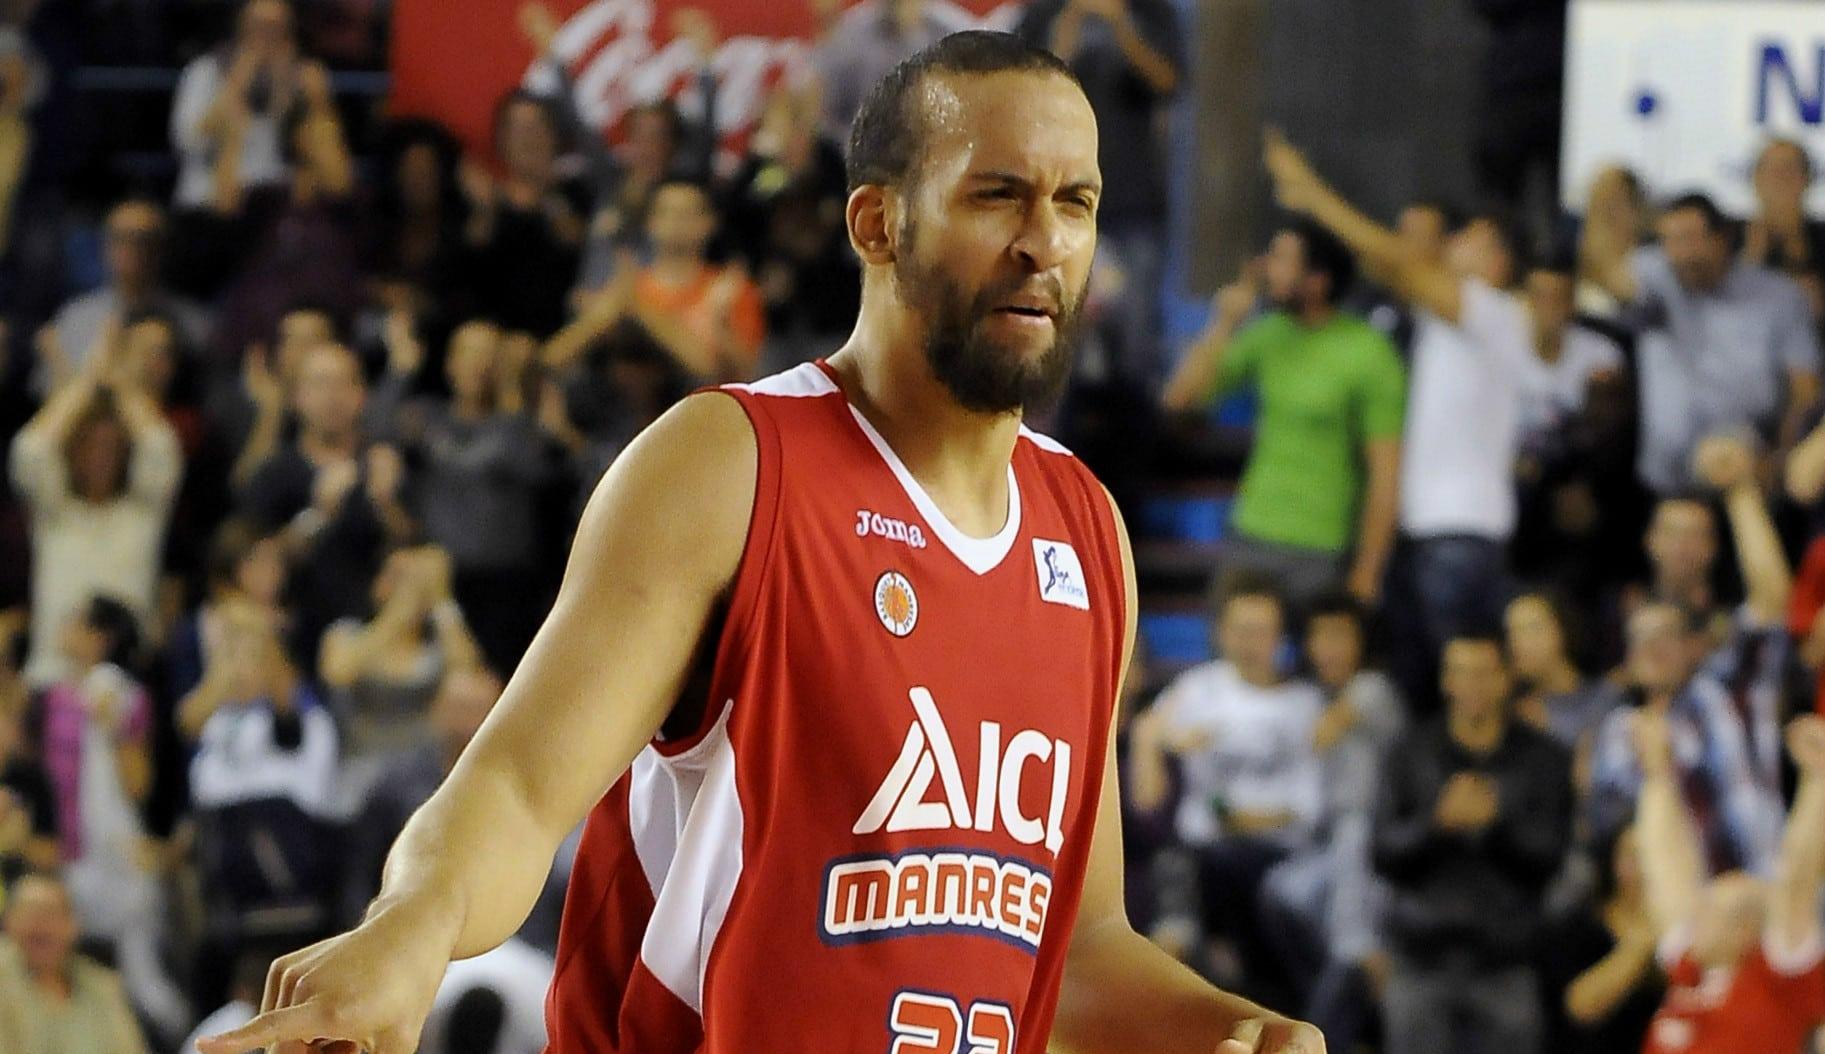 Más cambios en Manresa: el ala-pívot Ricky Sánchez deja el equipo y vuelve a Puerto Rico